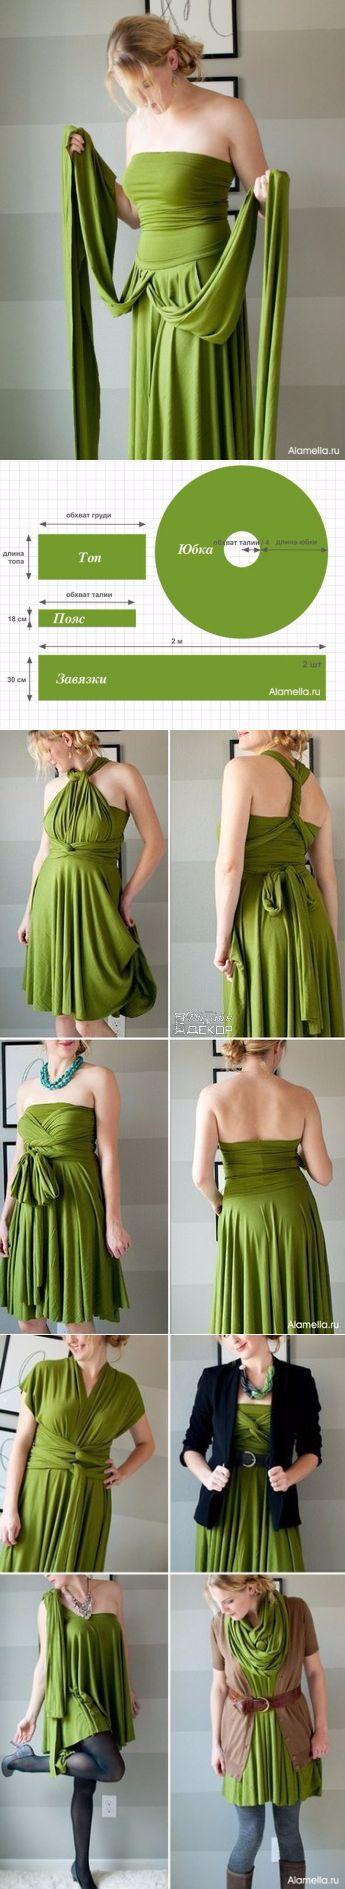 Шьём платье-трансформер